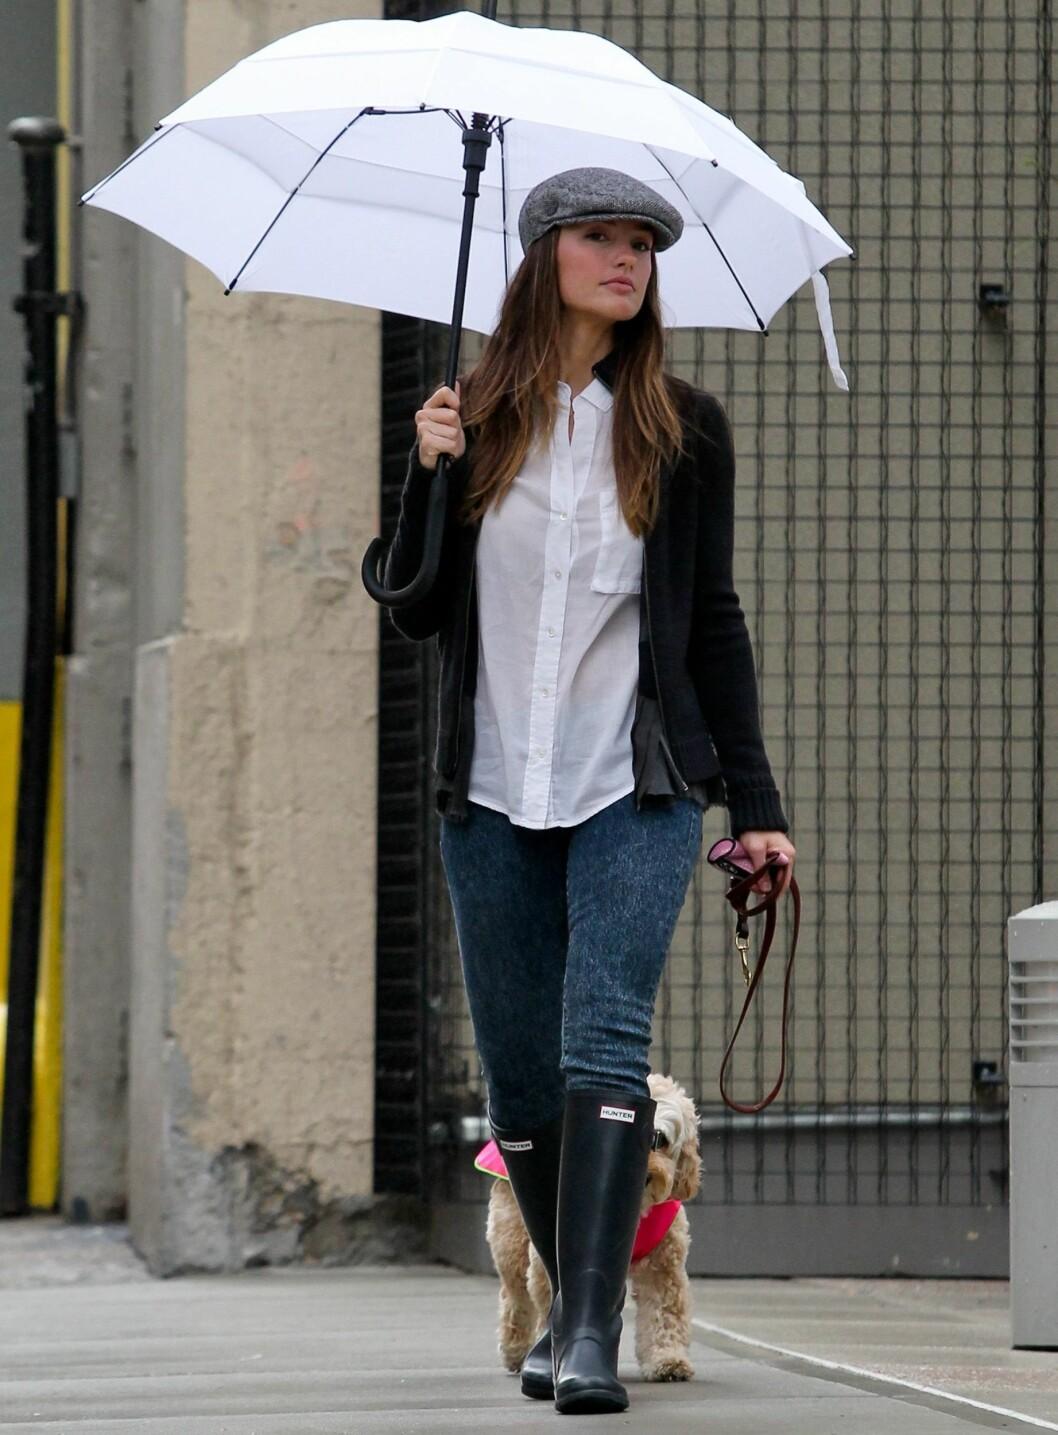 Friday Night Lights-skuespiller Minka Kelly er søt i sixpence, støvler og hvit paraply over hodet. Foto: All Over Press